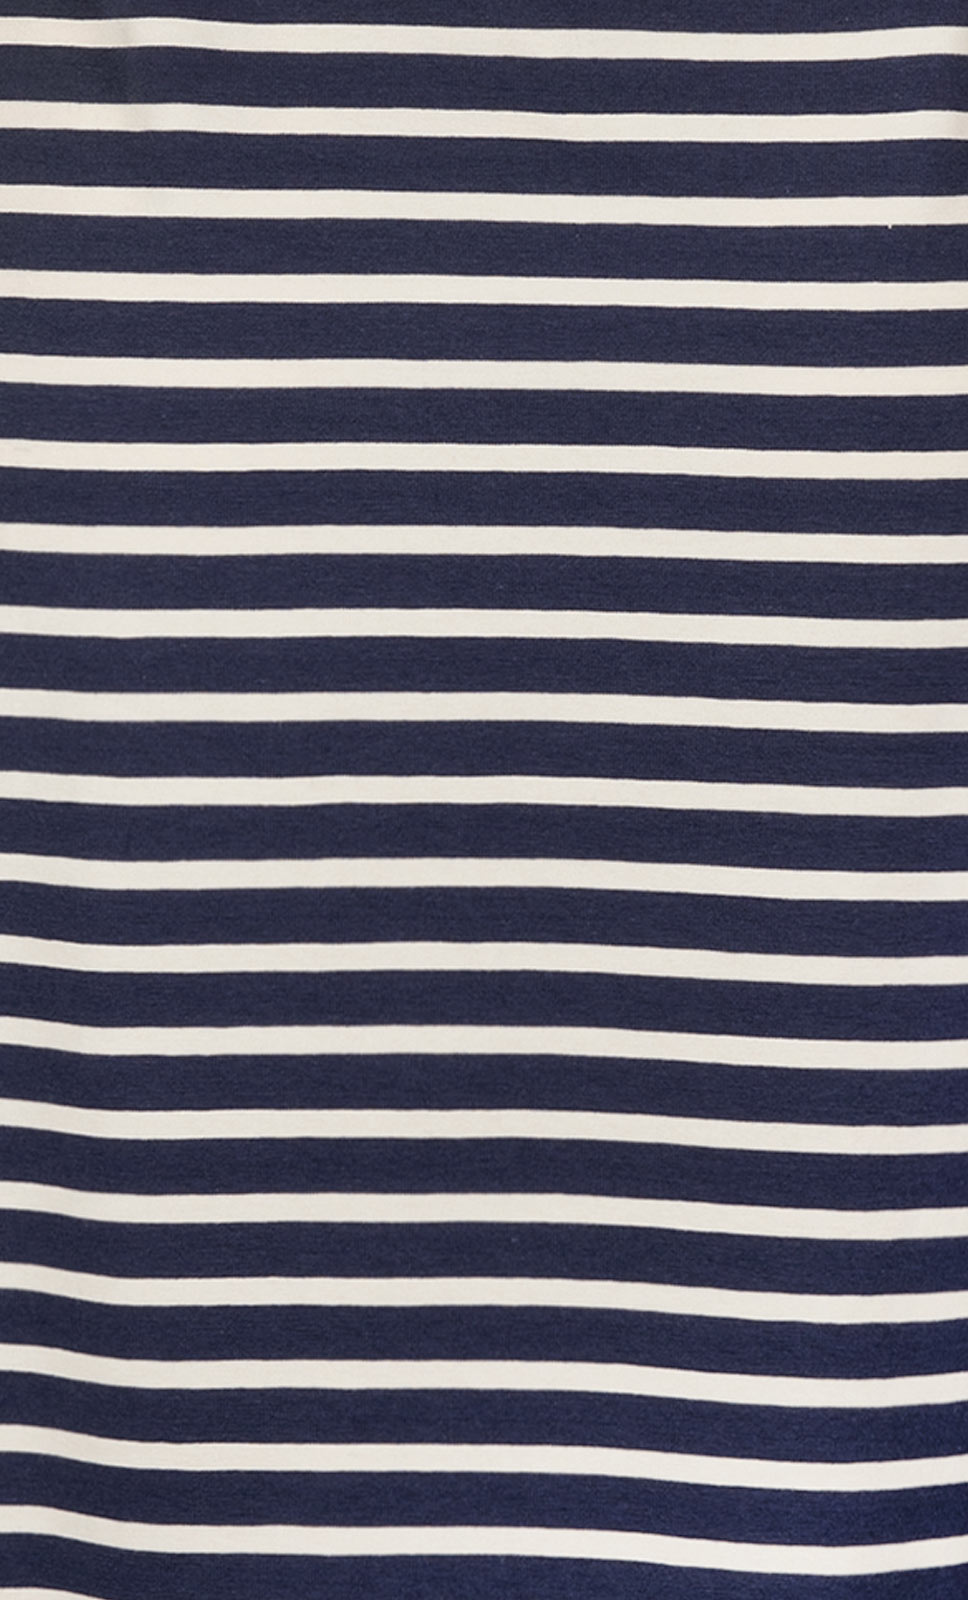 Breton-Stripe-Nuit-Blue